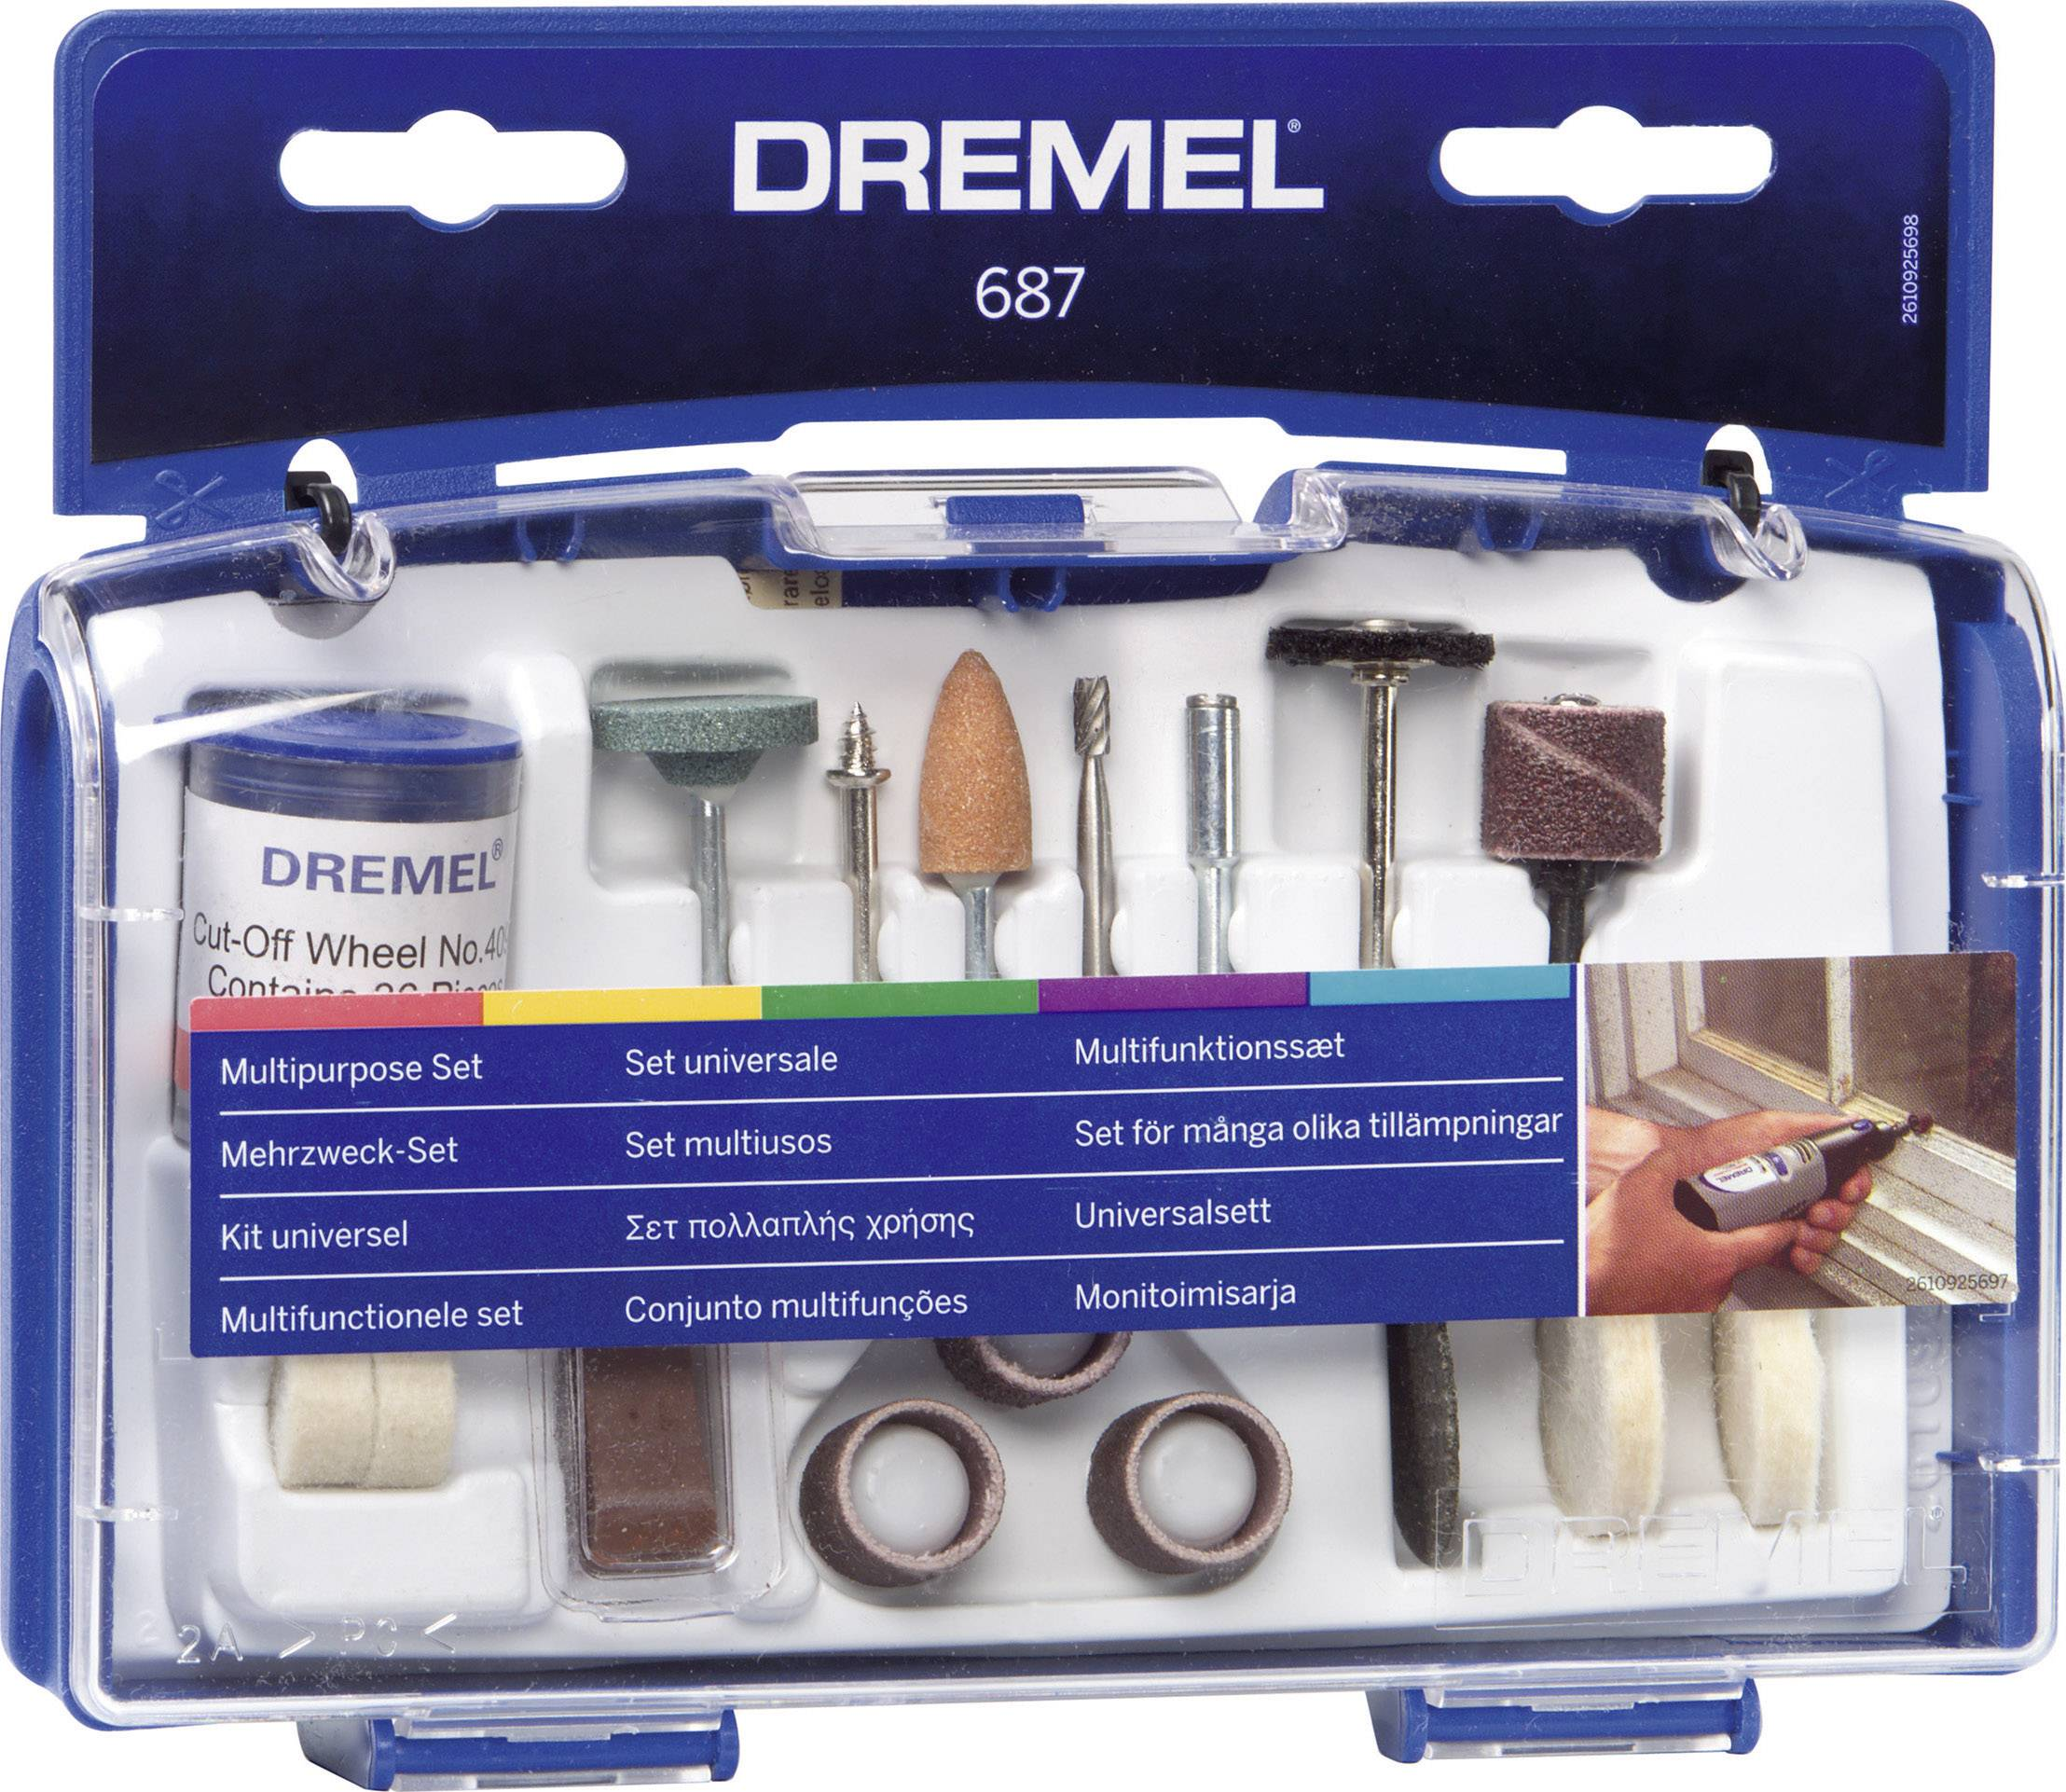 Čistící / leštící sada 52 ks, Dremel 687